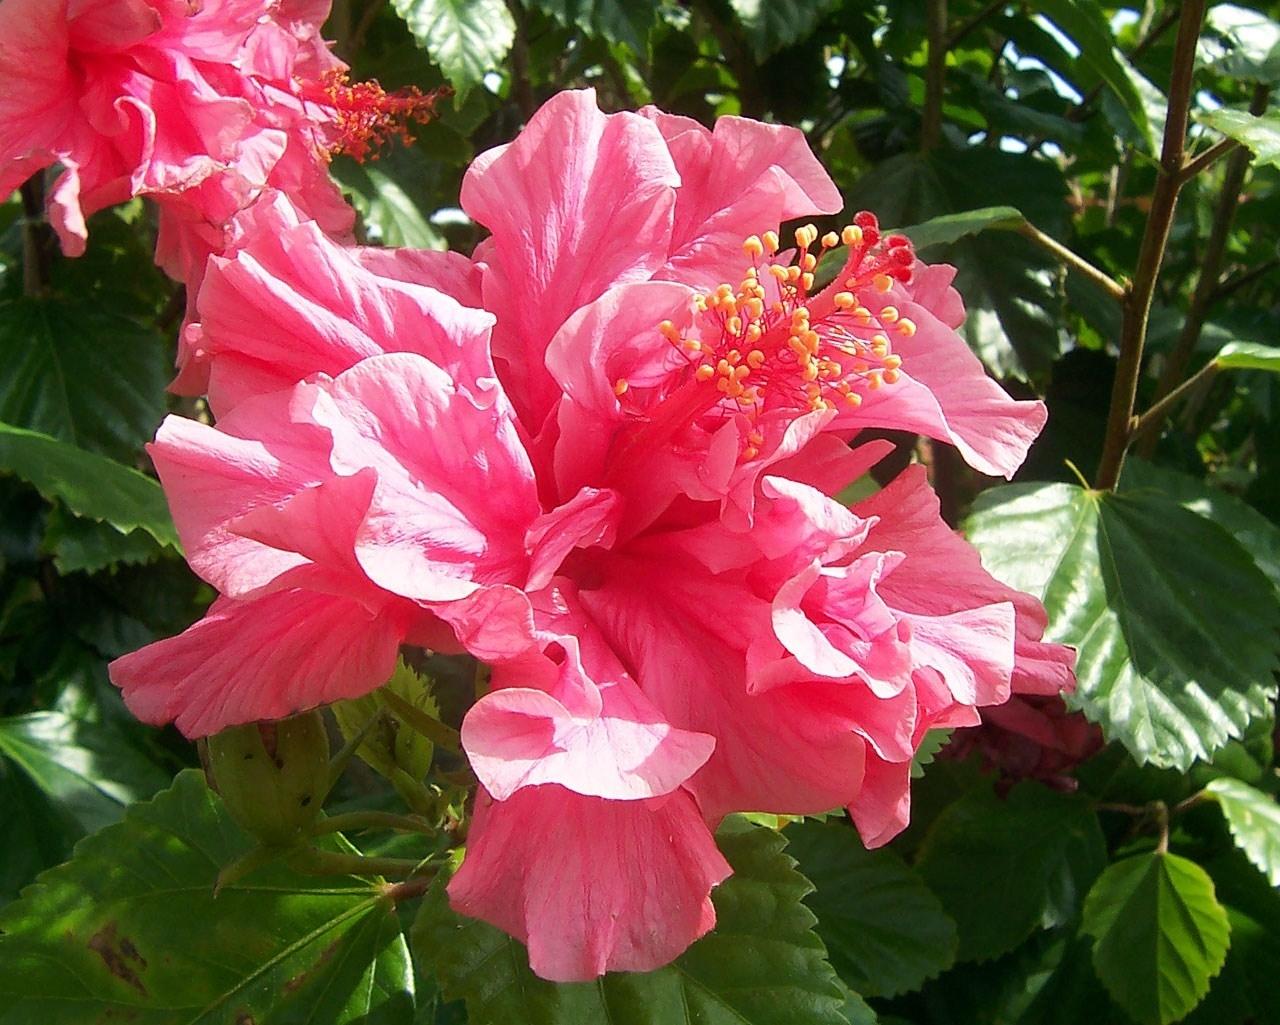 Significato ibisco - Significato fiori - Significato ibisco - fiori